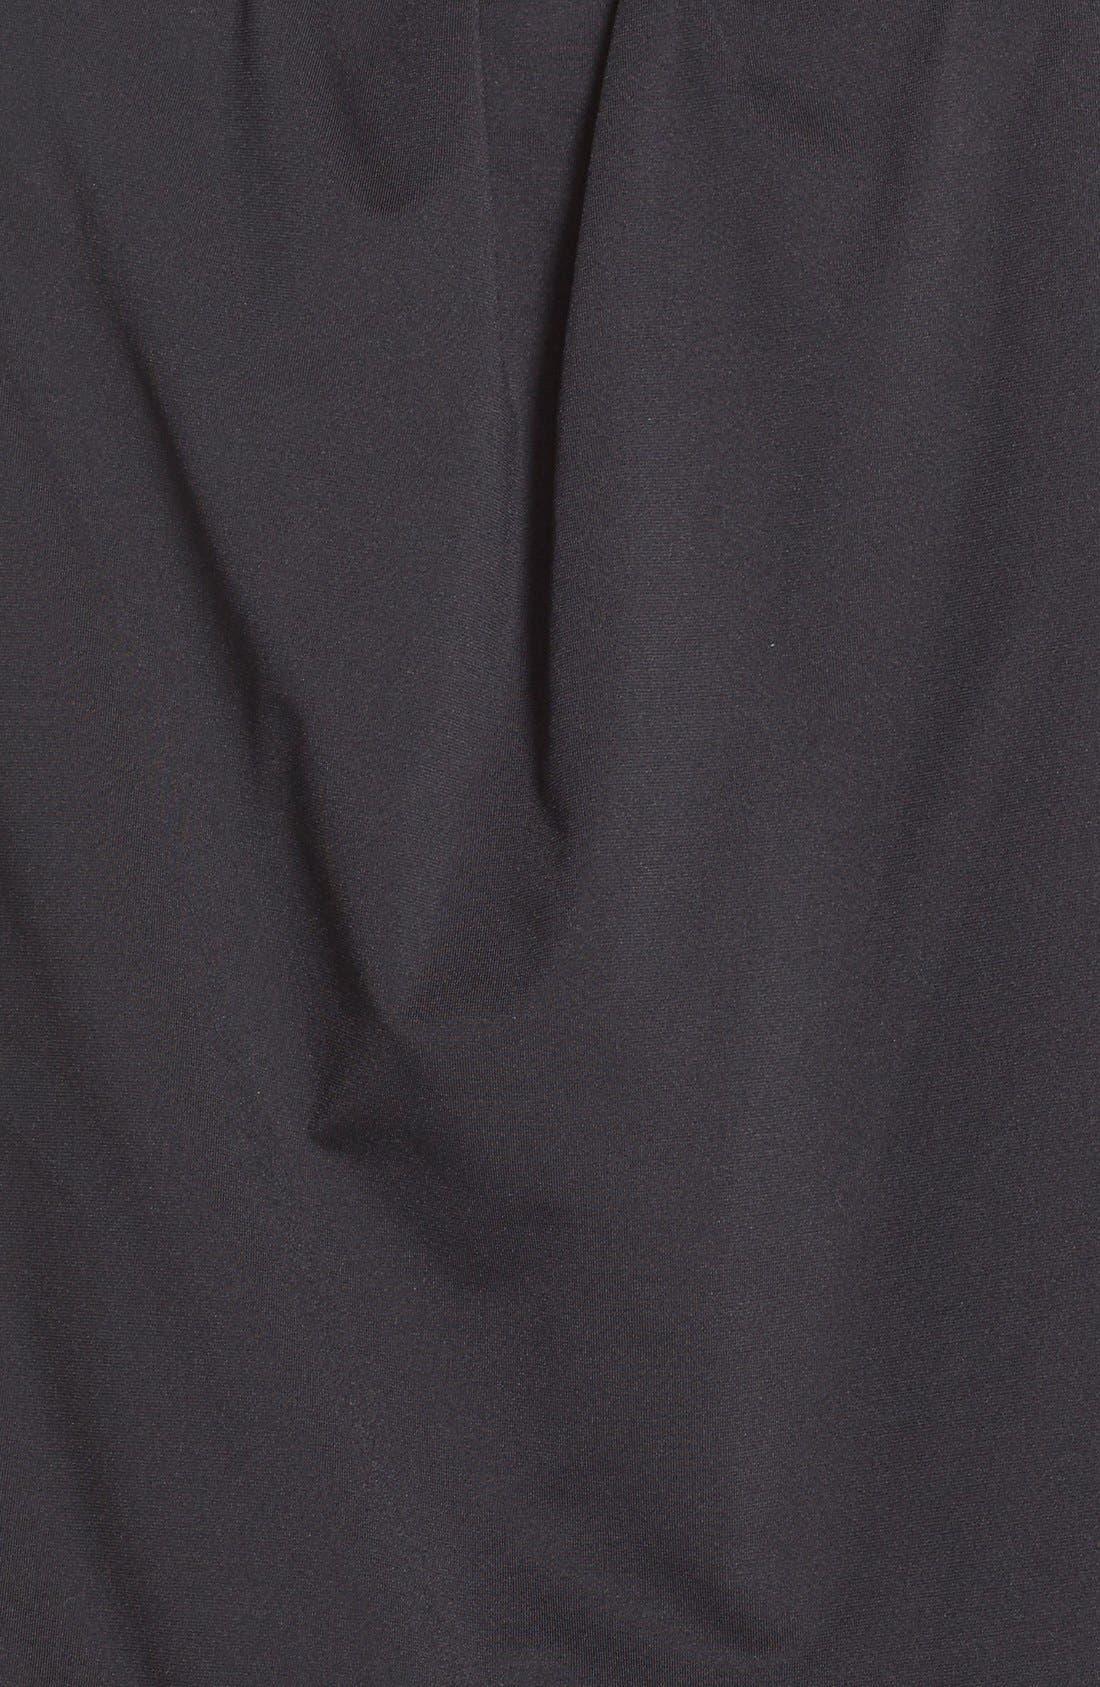 Bandini Blouson Tankini Top,                             Alternate thumbnail 6, color,                             BLACK